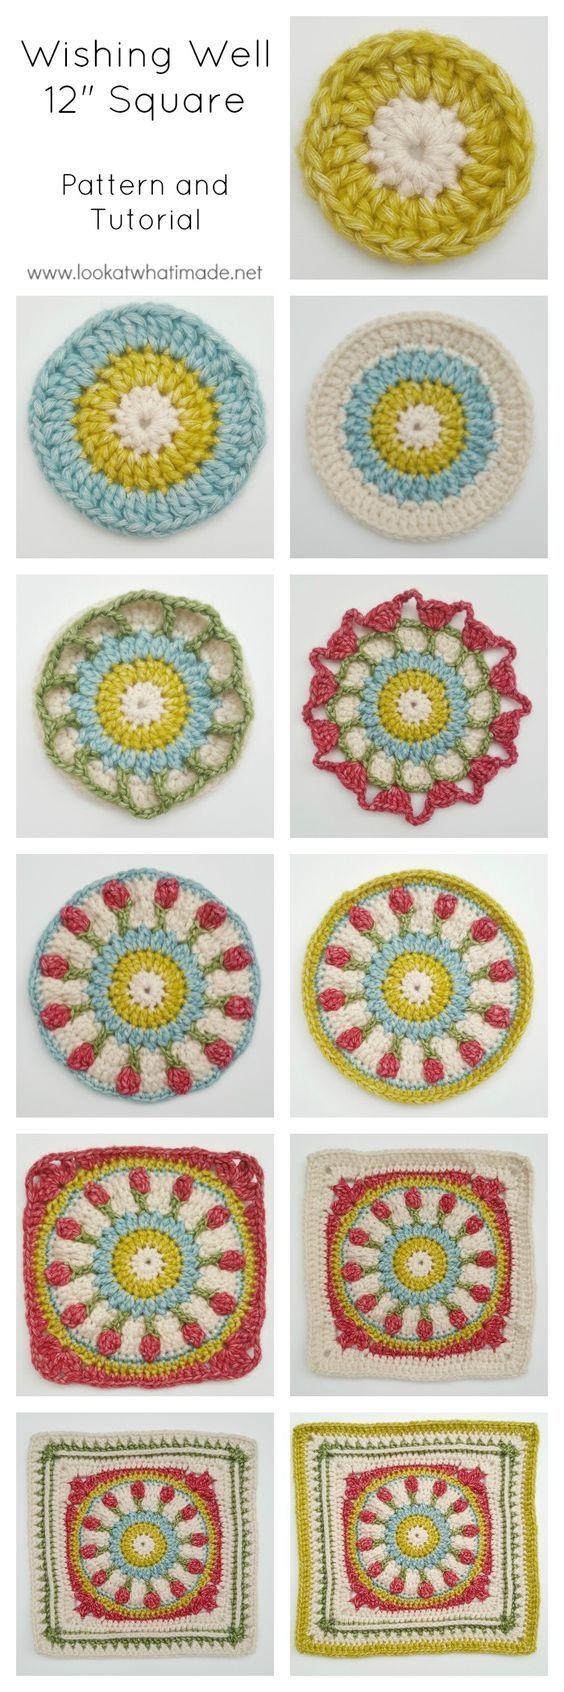 1108 besten Crochet Bilder auf Pinterest | Bastelarbeiten ...